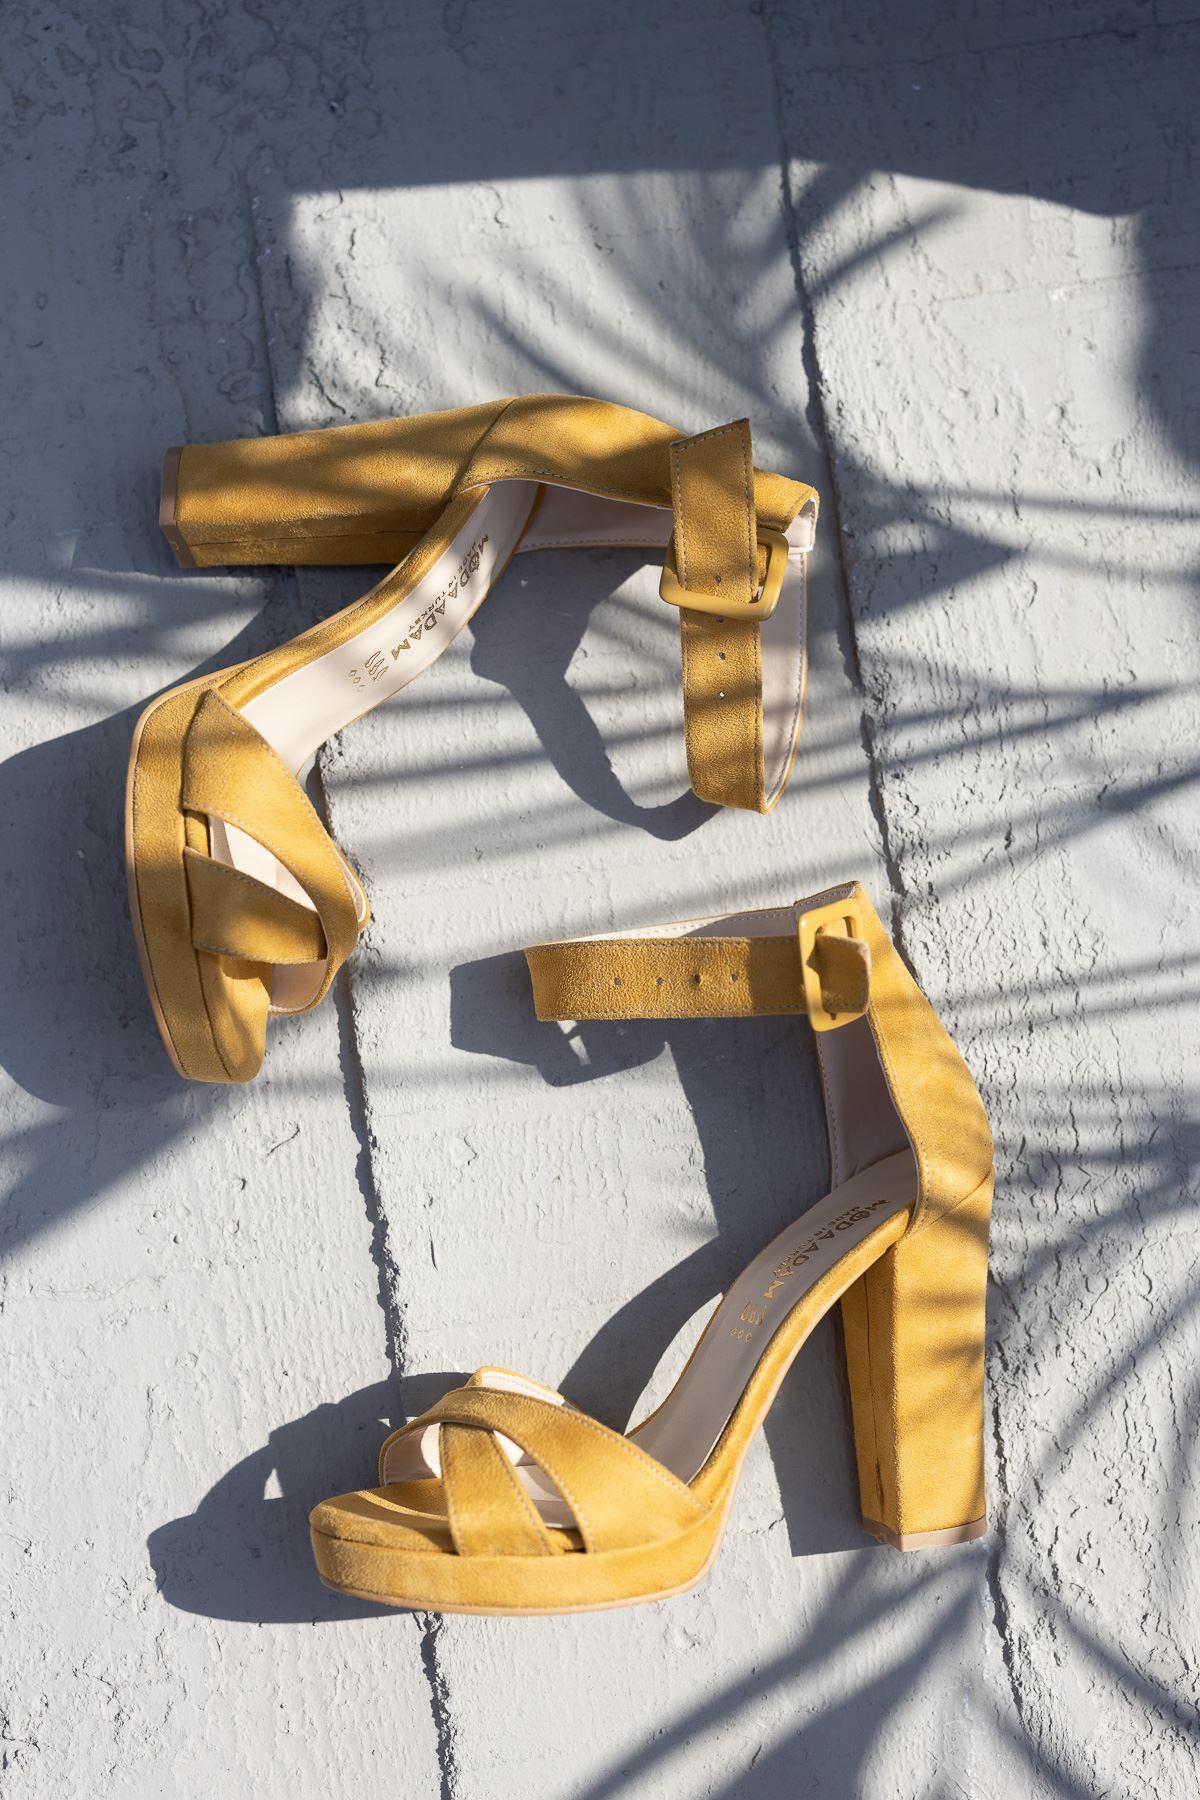 Kadın Loked Yüksek Topuklu Hardal Süet Tek Bant Ayakkabı Çapraz Bantlı